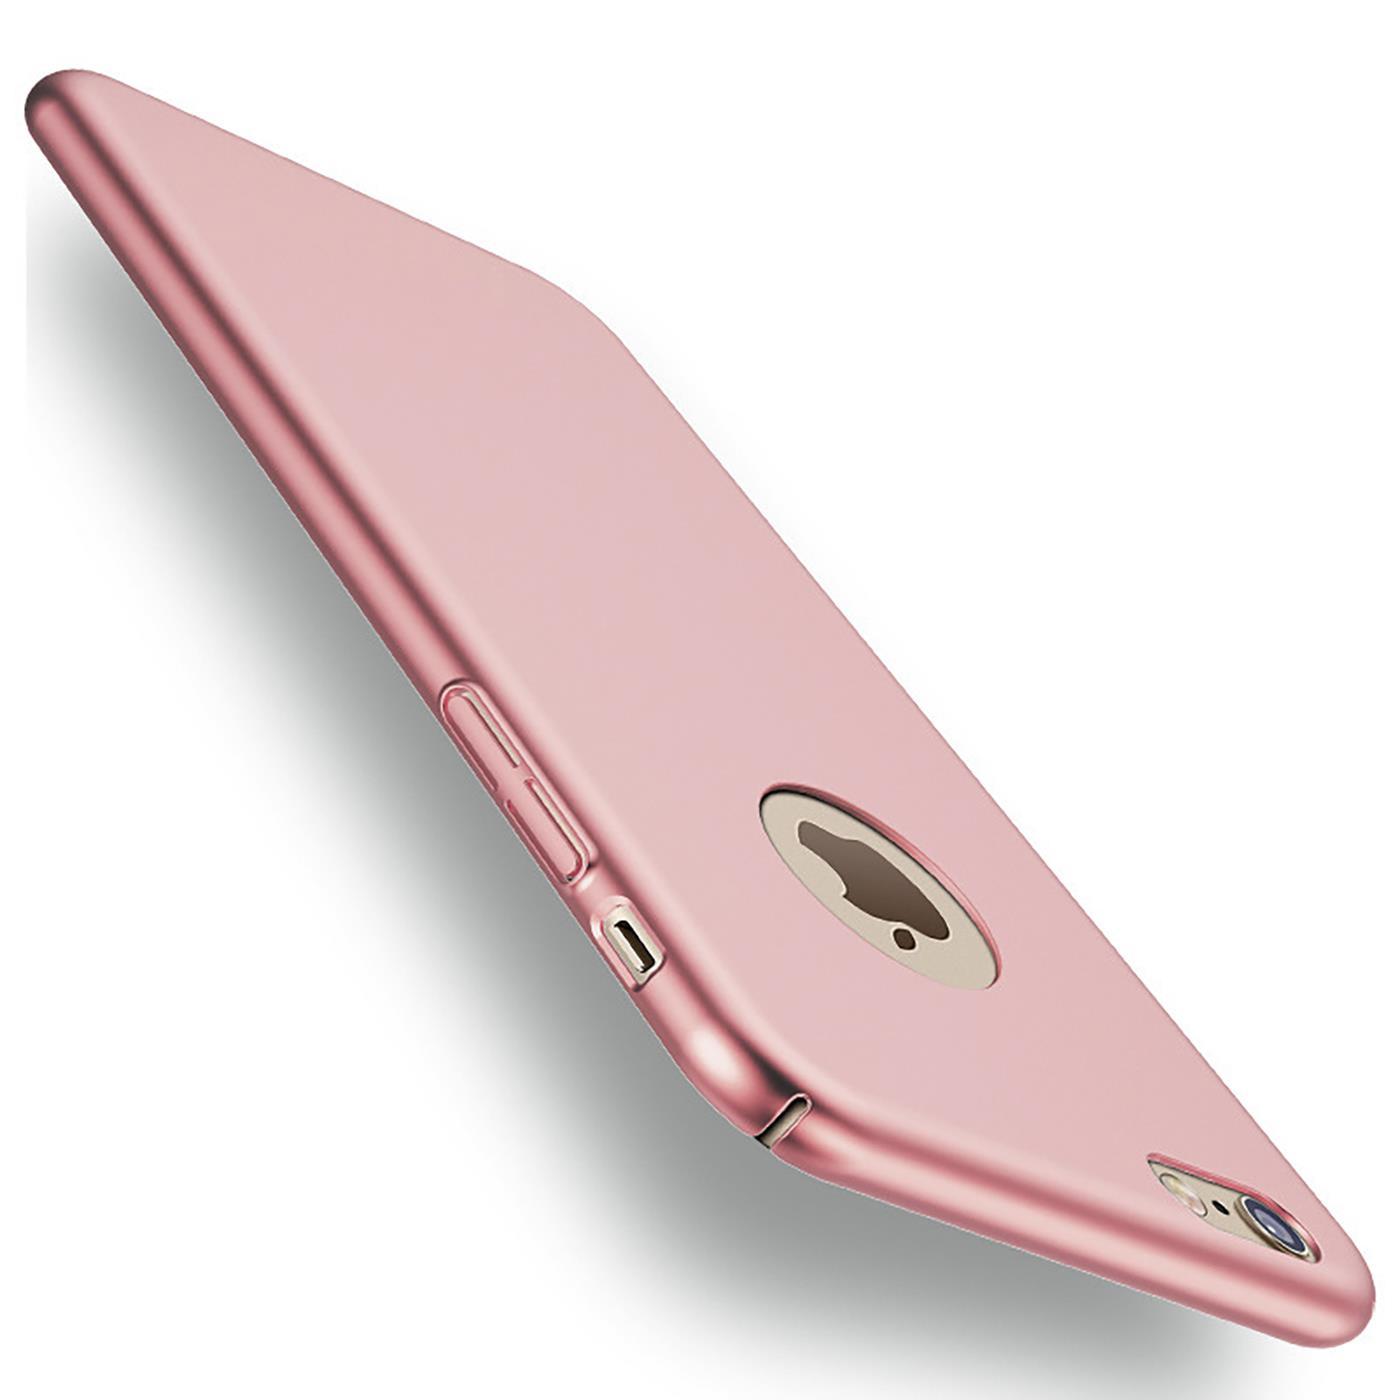 Slim-Cover-Huelle-Schutz-Tasche-Case-Handy-Schutzhuelle-Panzerglas-Folie-Glas Indexbild 21